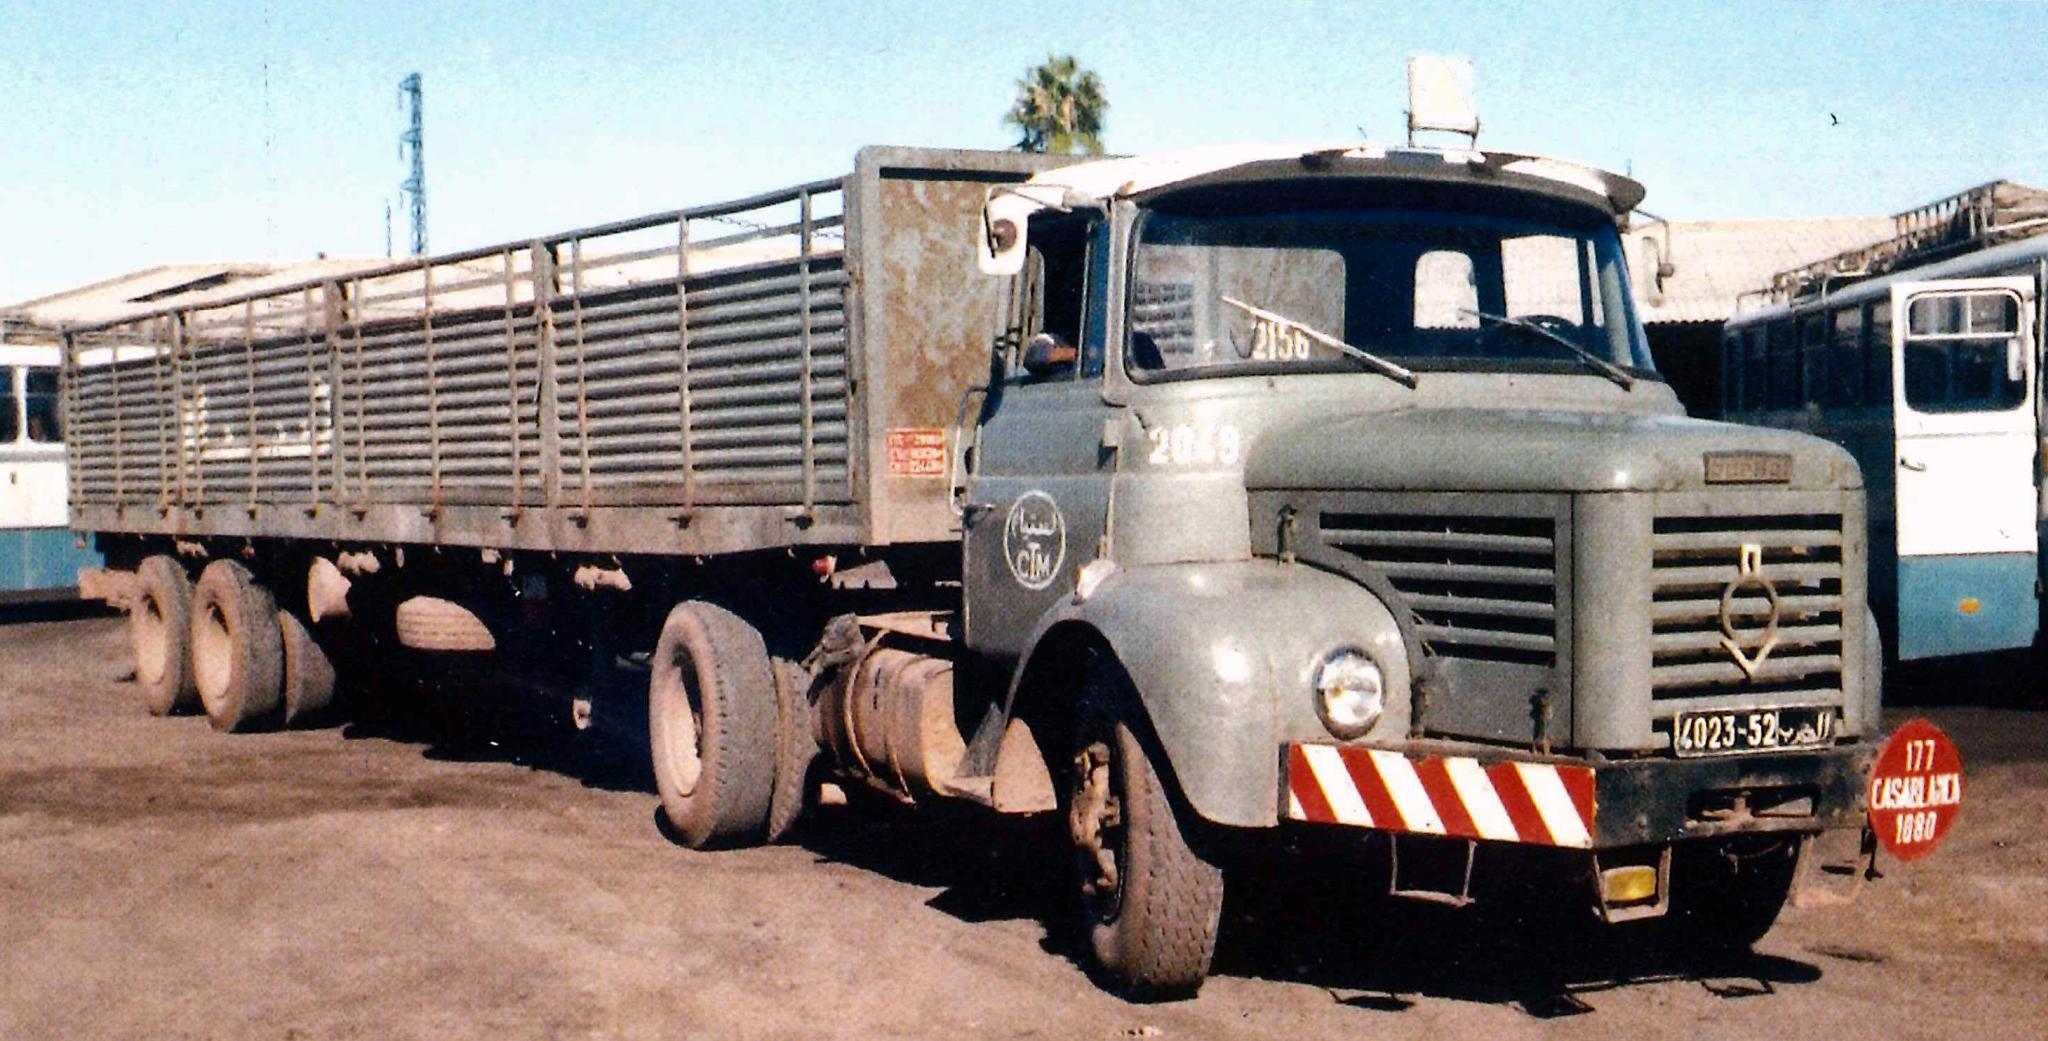 Transport Routier au Maroc - Histoire 49771857051_f98579f4e7_o_d